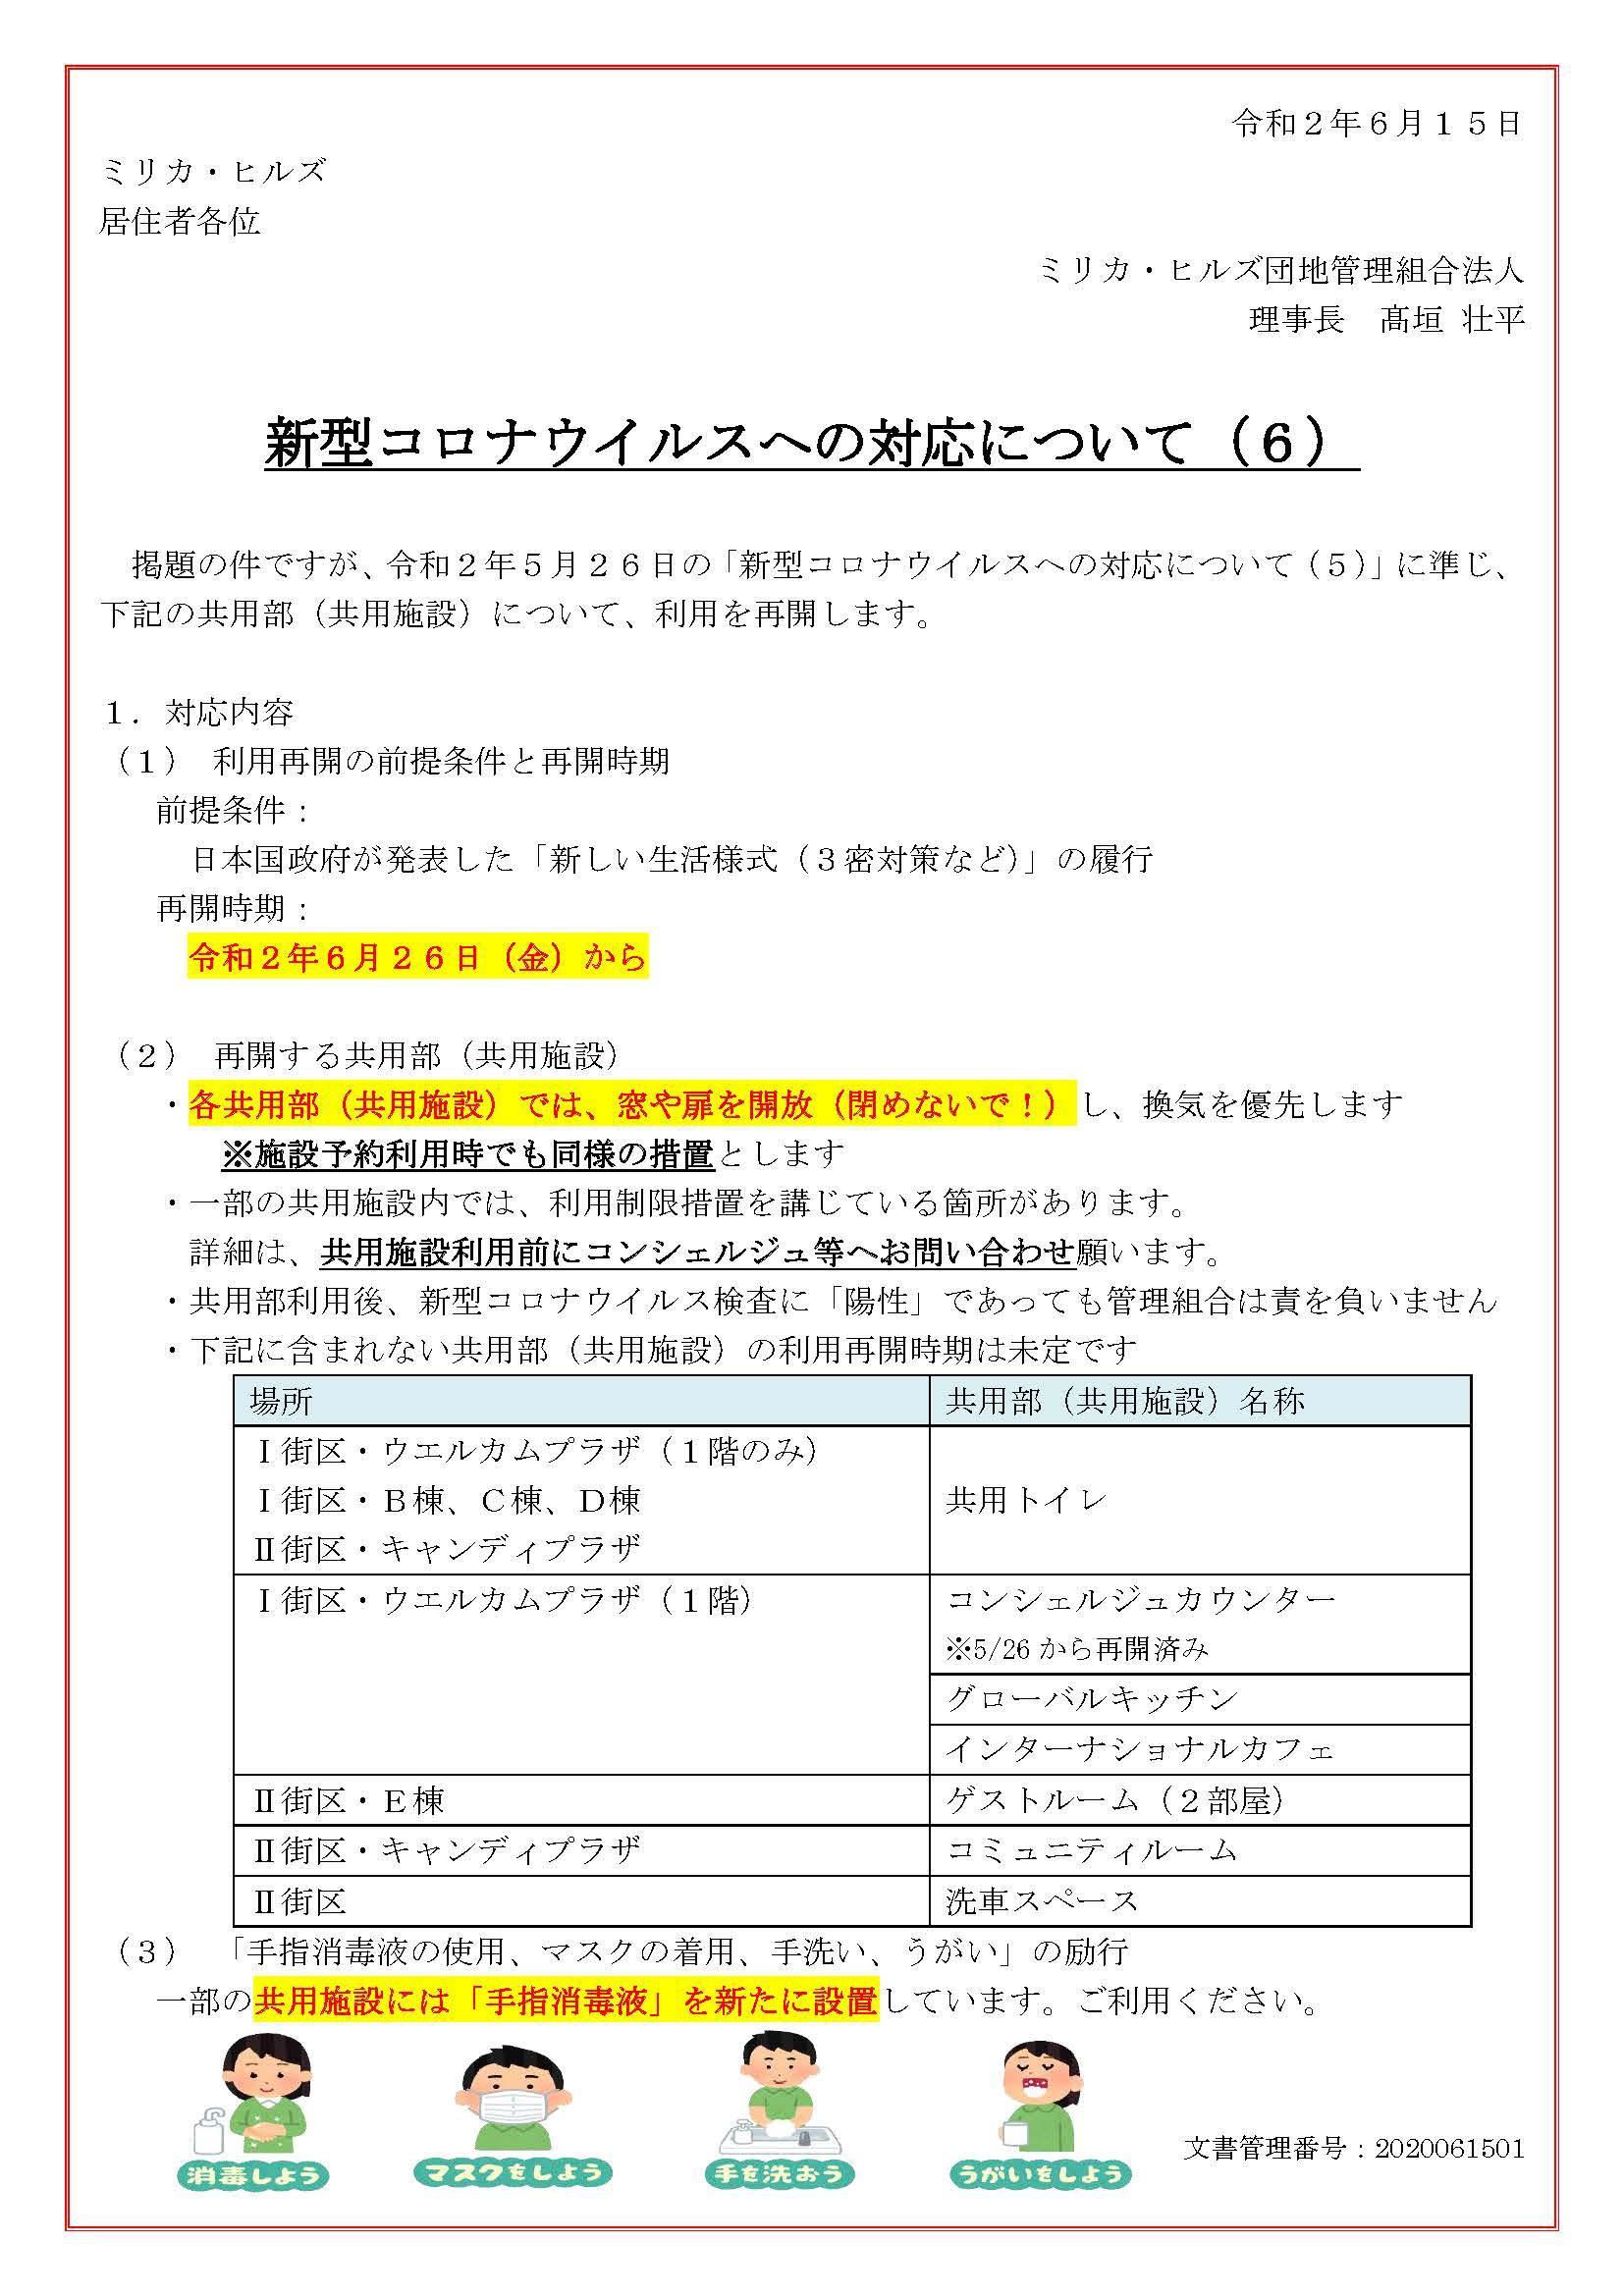 新型コロナウイルスへの対応に関するお知らせ(6)